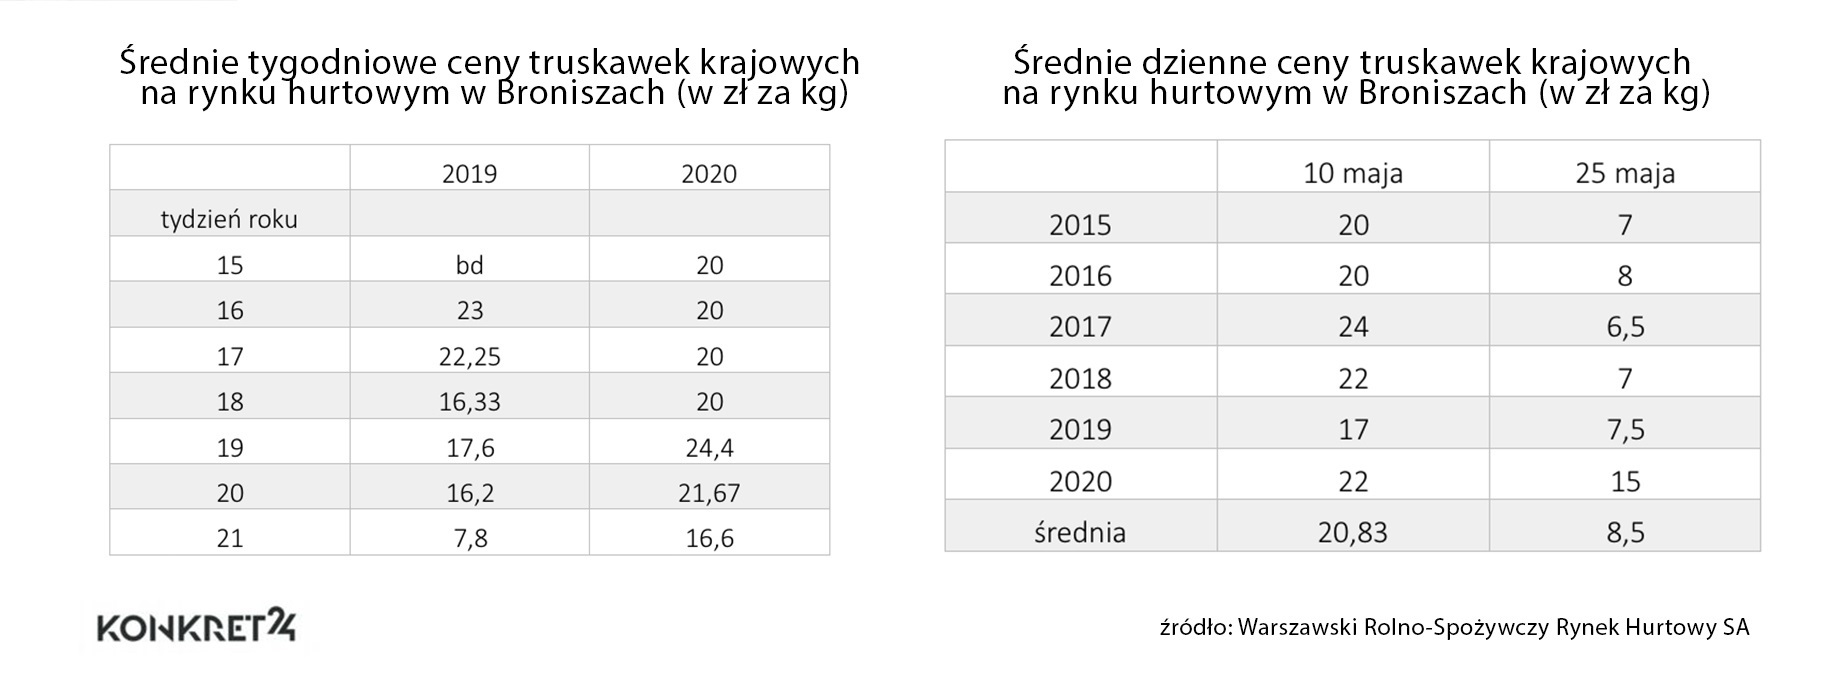 Średnie ceny truskawek krajowych szklarniowych na rynku hurtowym w Broniszach (w zł)